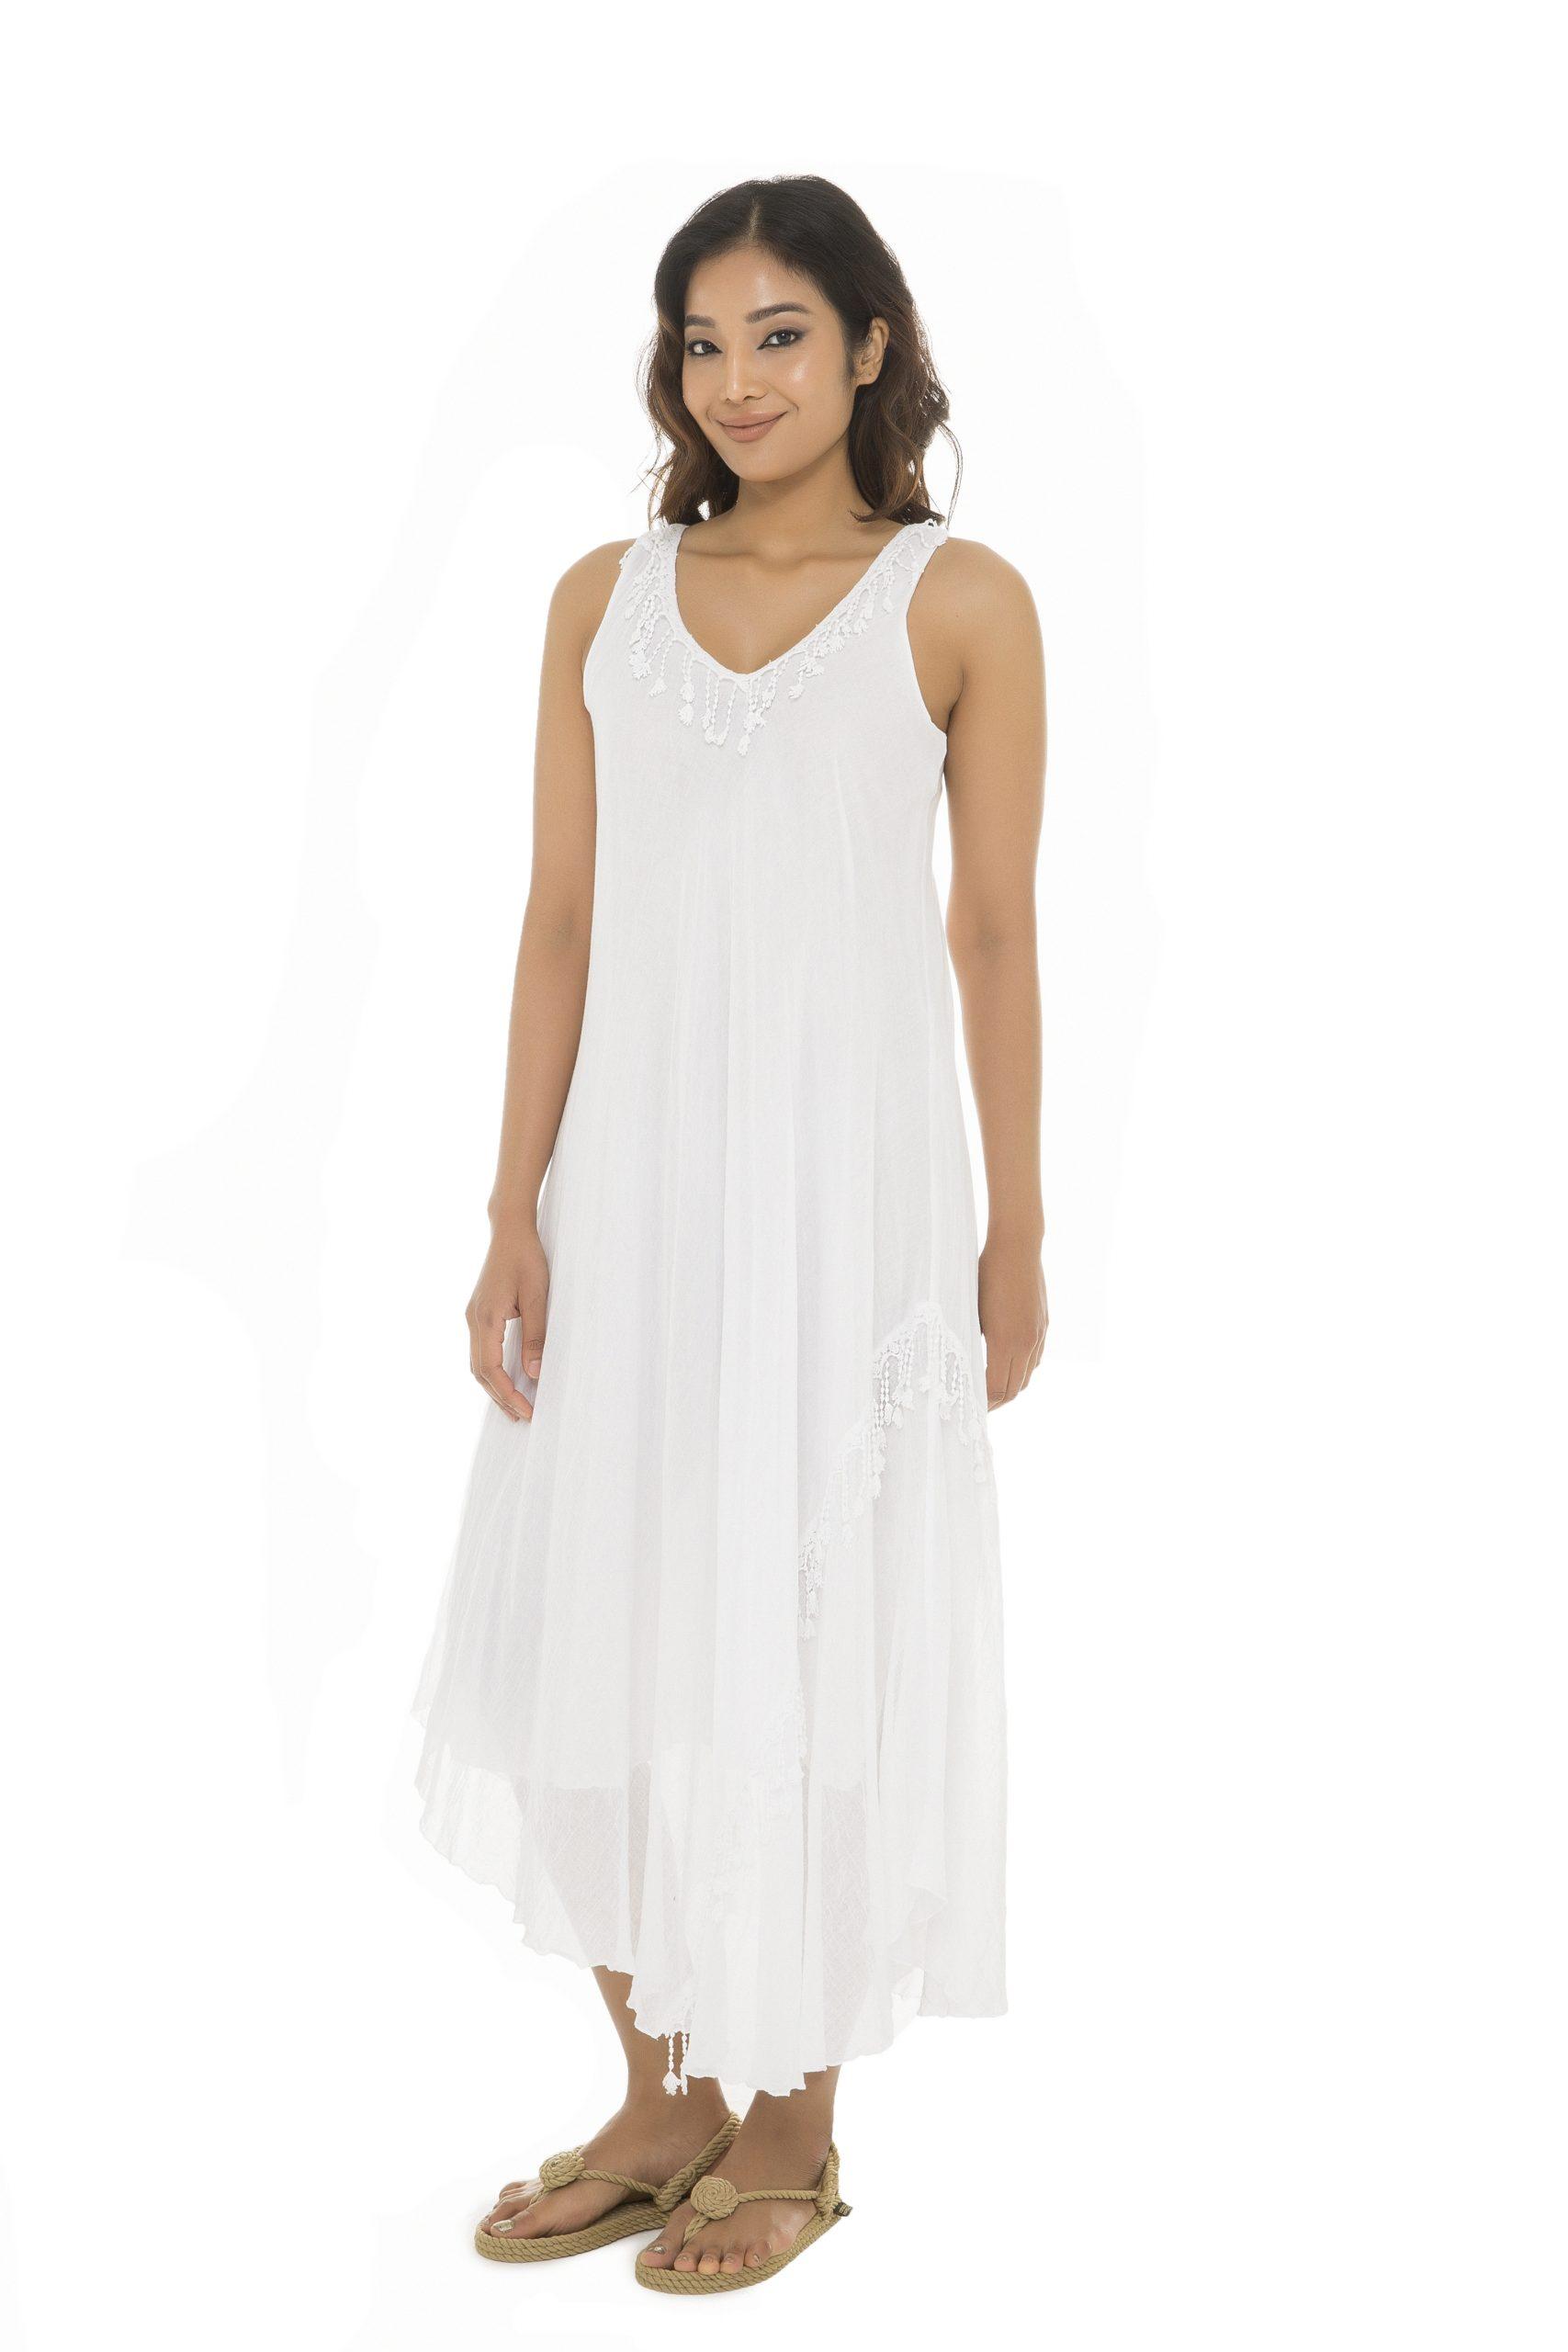 Designer Perfekt Sommerkleid Weiß Lang für 2019Formal Schön Sommerkleid Weiß Lang Spezialgebiet